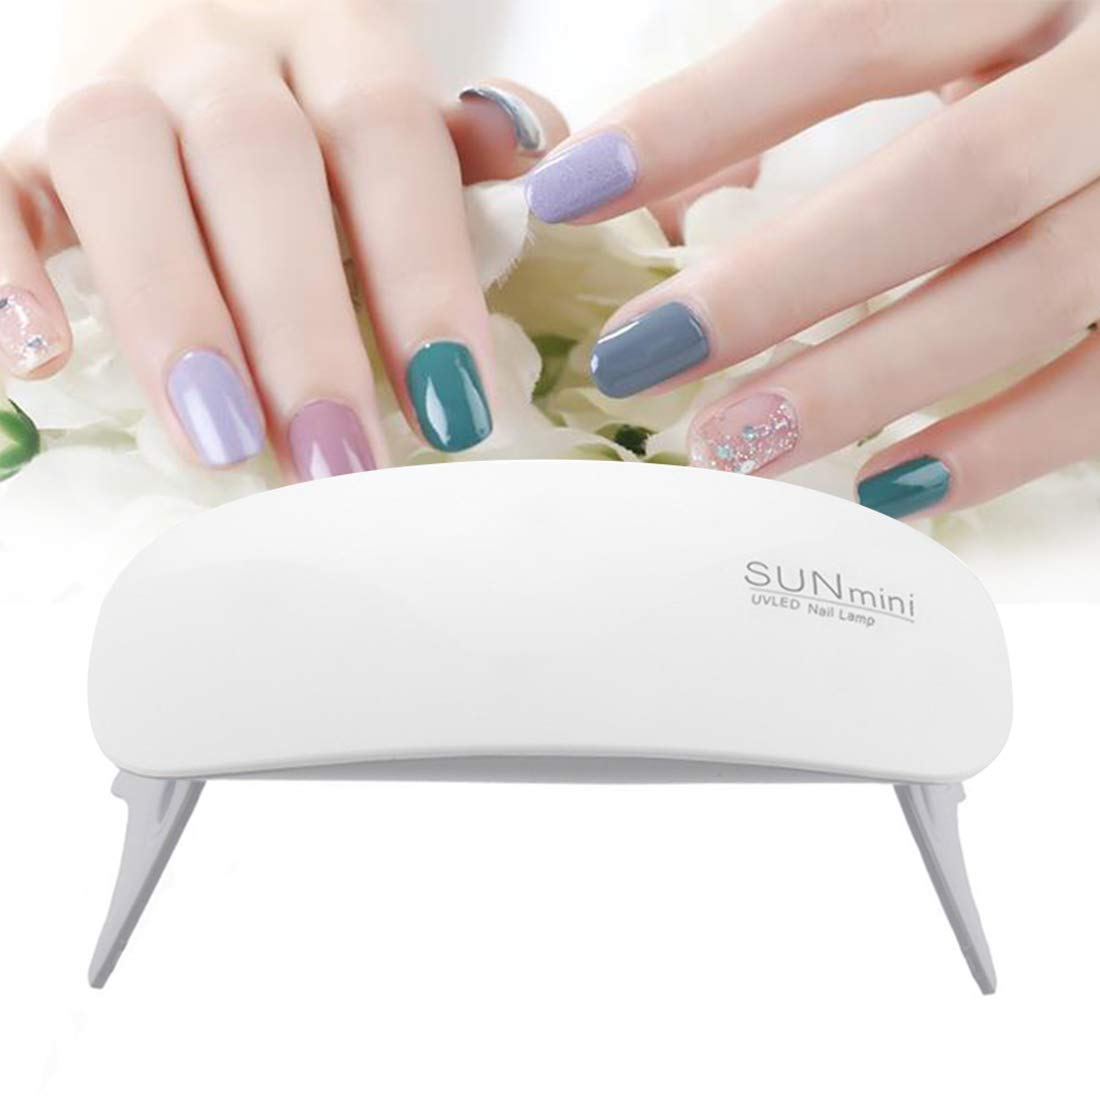 はがき阻害するバスルームBFACCIA ミニサイズ UV と LEDダブルライト ネイルランプ 乾燥用速乾性折りたたみ式 タイマー設定可能 (ホワイト)